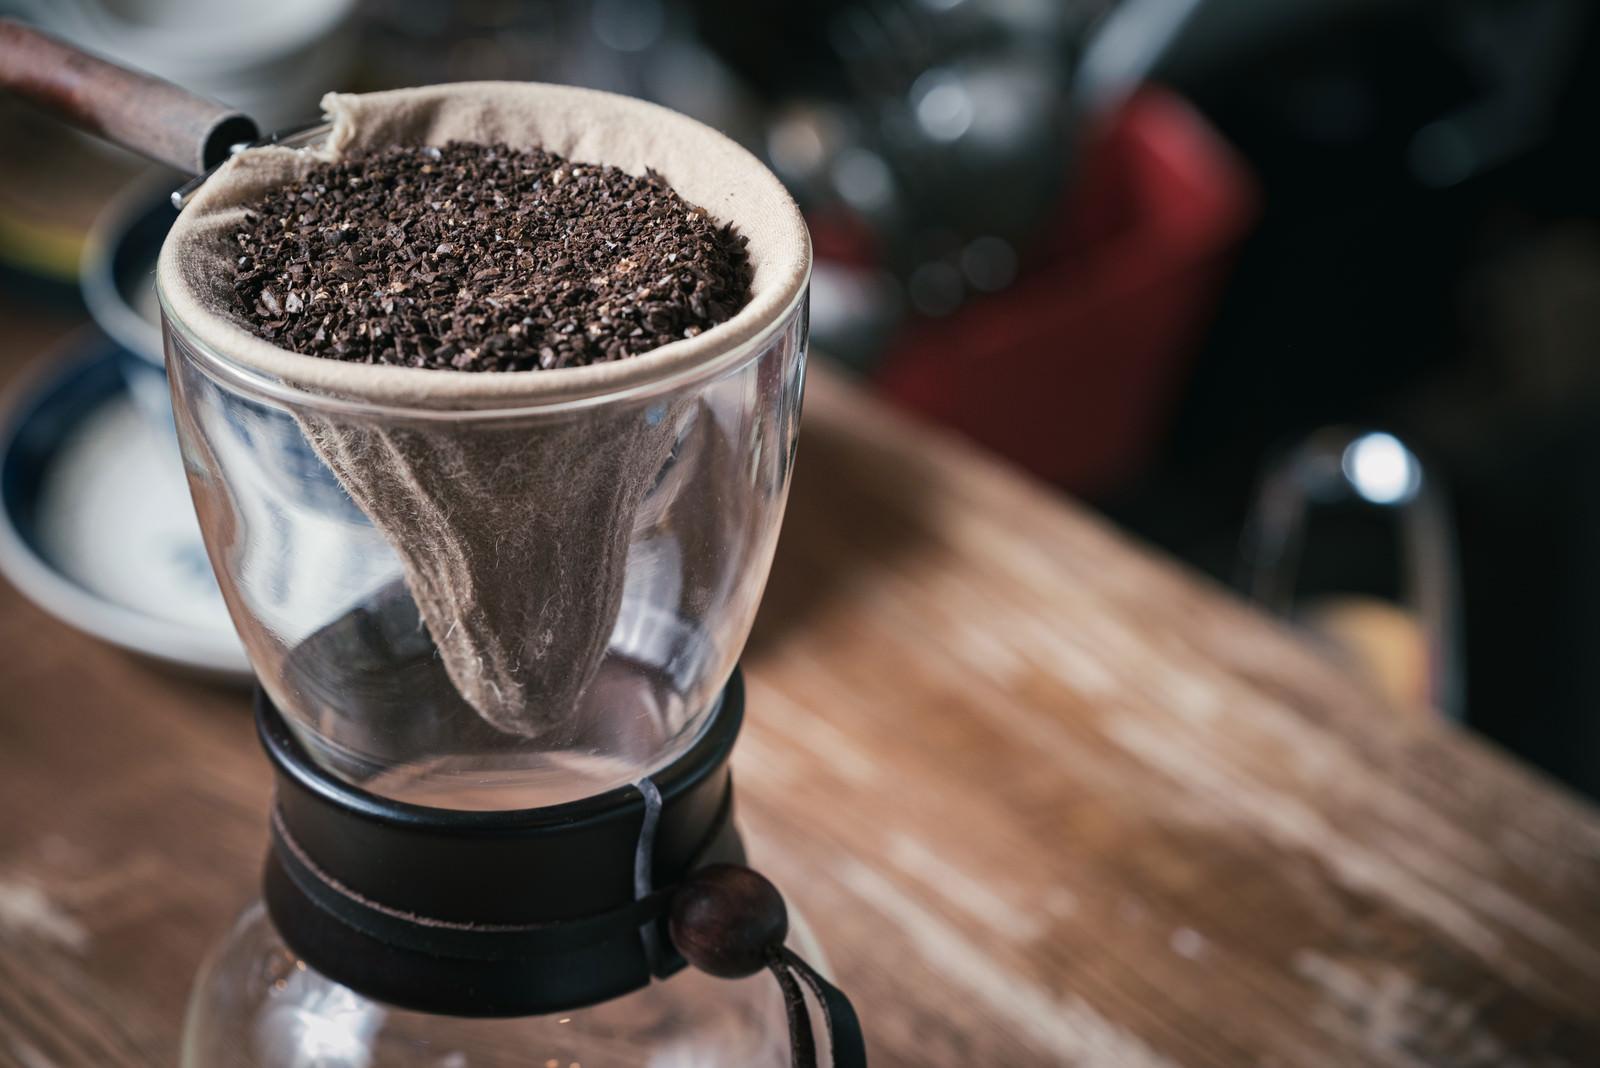 「ぽとりぽとりと落ちるコーヒードリップの様子」の写真